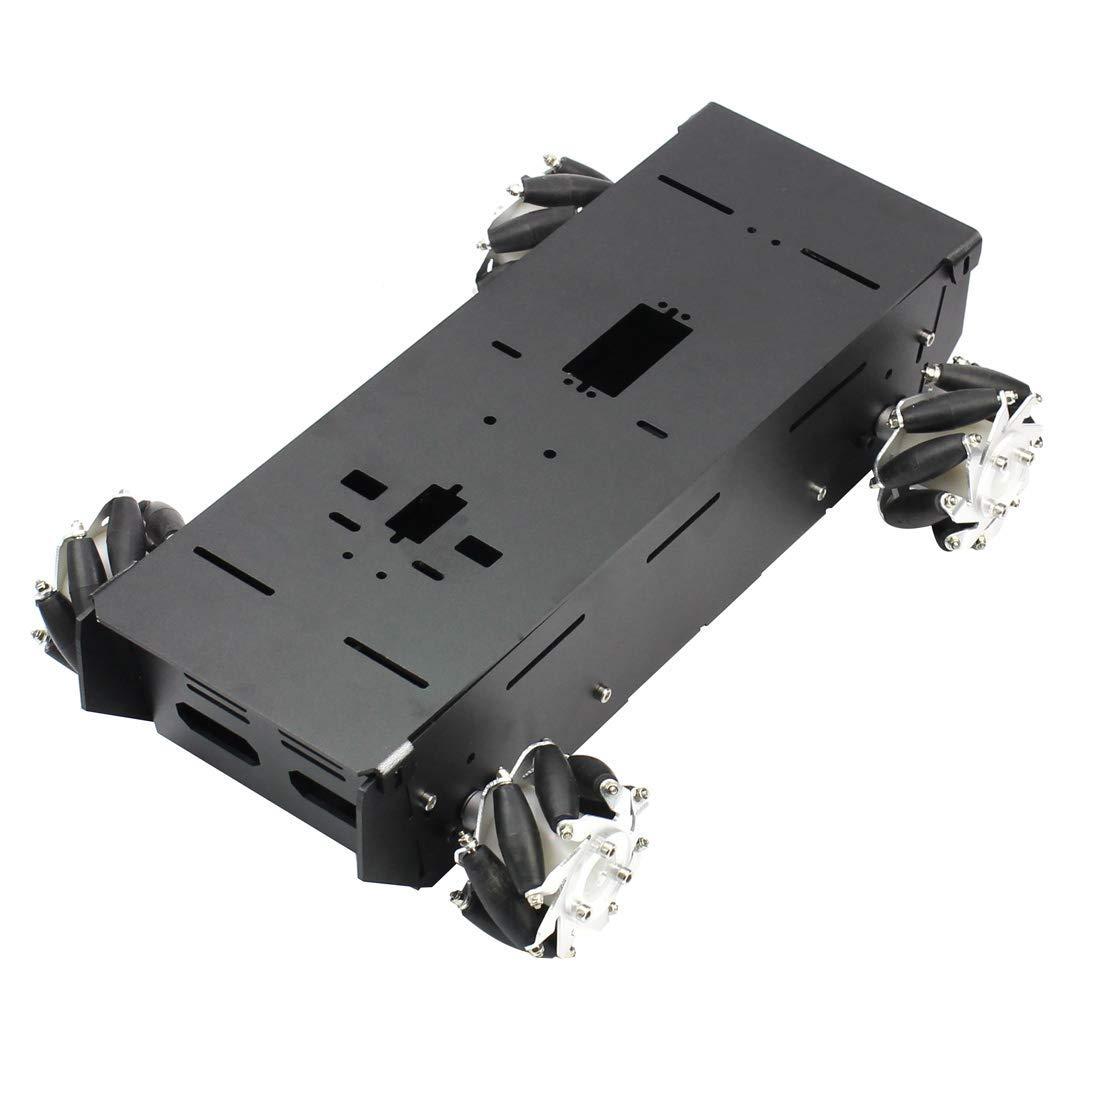 4WD RC châssis de voiture intelligente pour plate-forme Arduino avec moteur 12 V bricolage 4 roues Robot